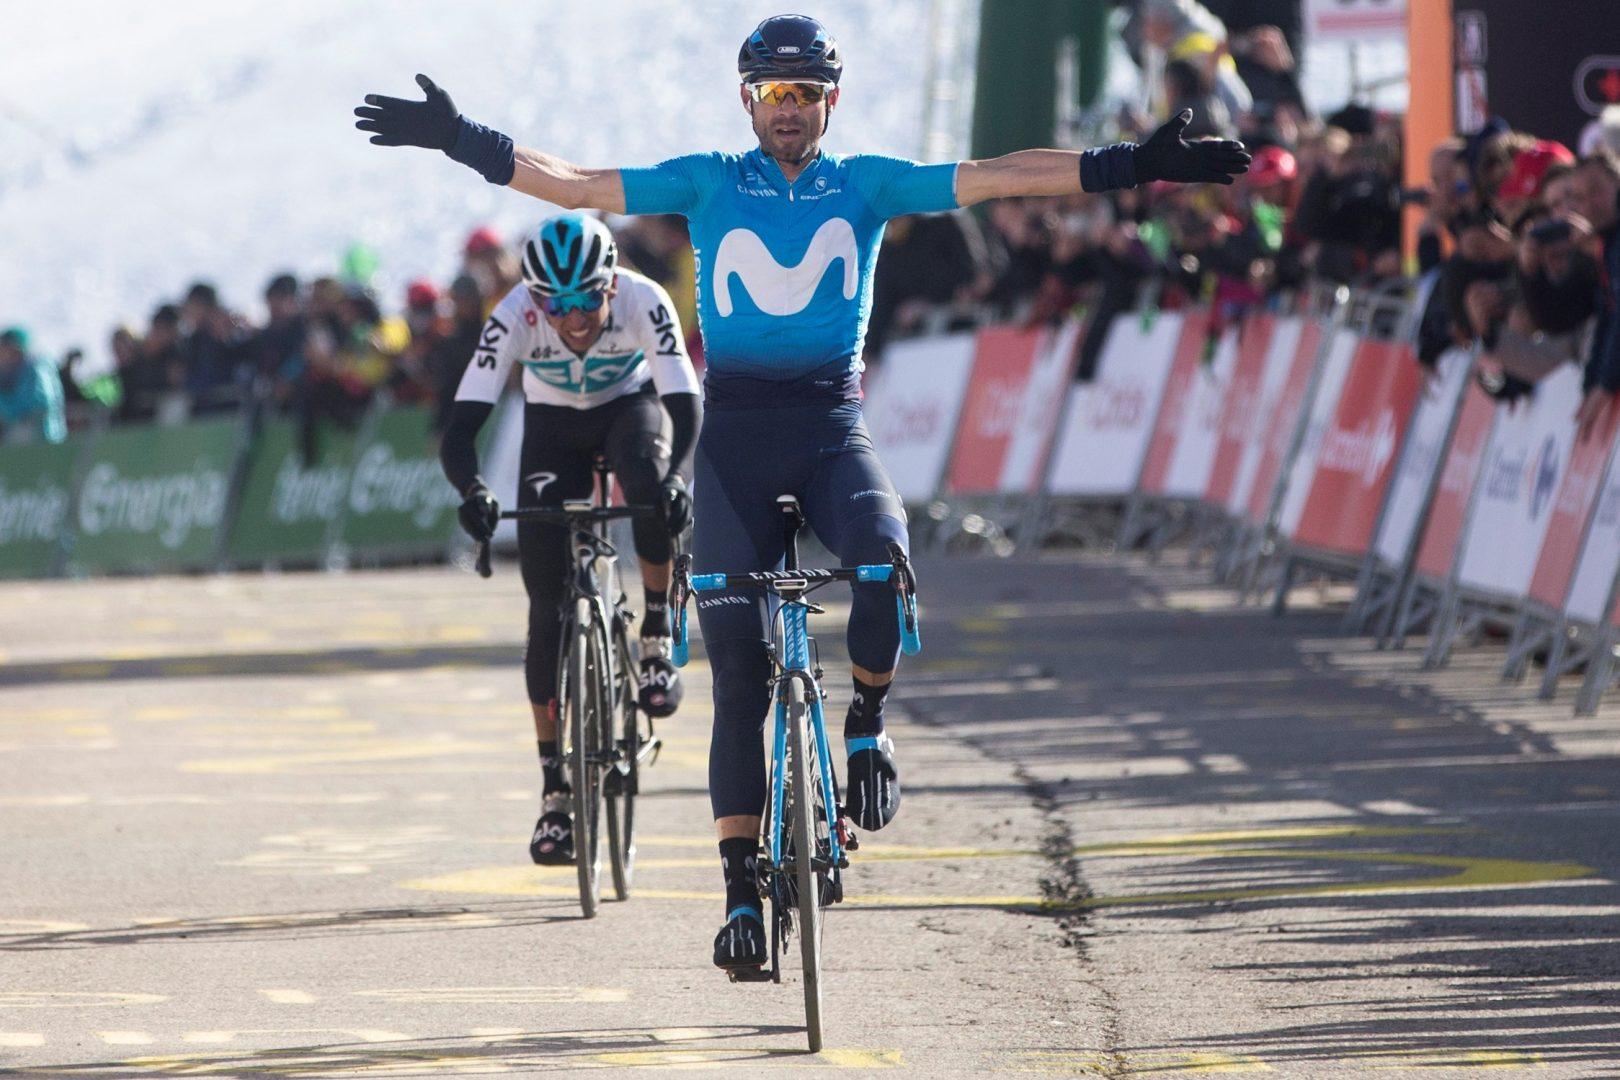 Valverde no pudo ganar su sexta Flecha Valona y reconoció que el francés Julian Alaphilippe